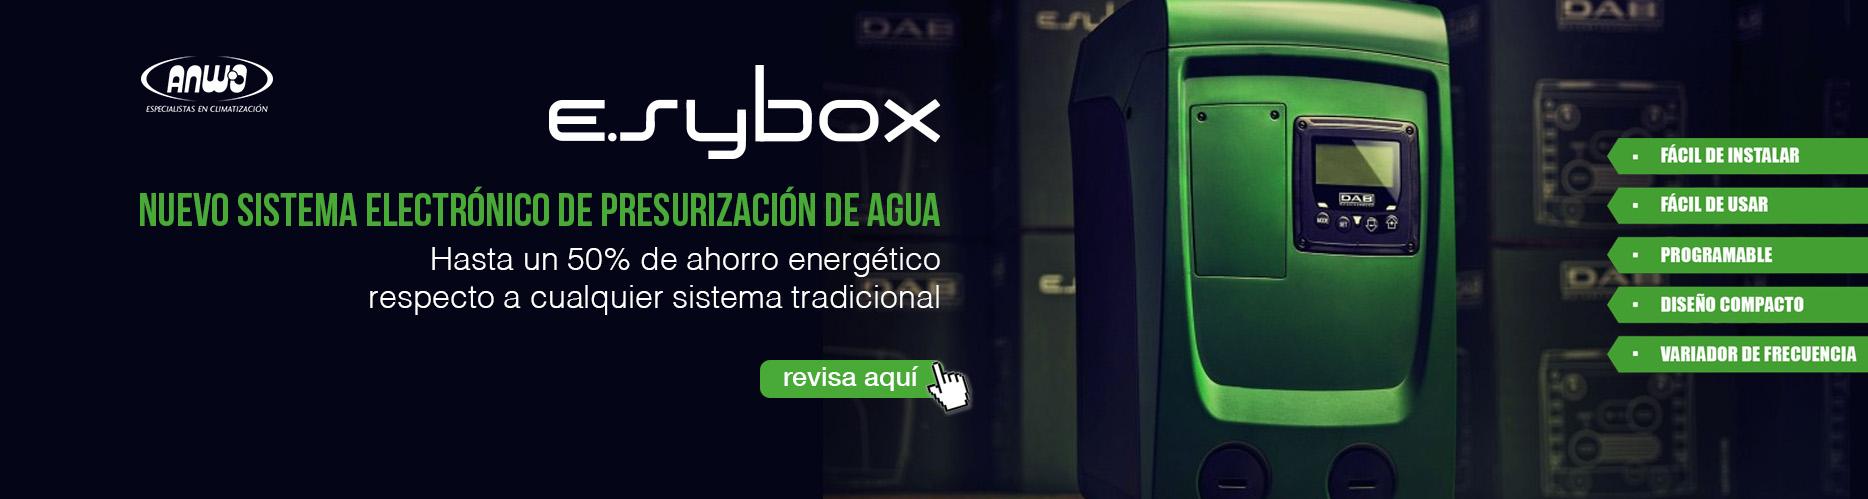 e.sybox